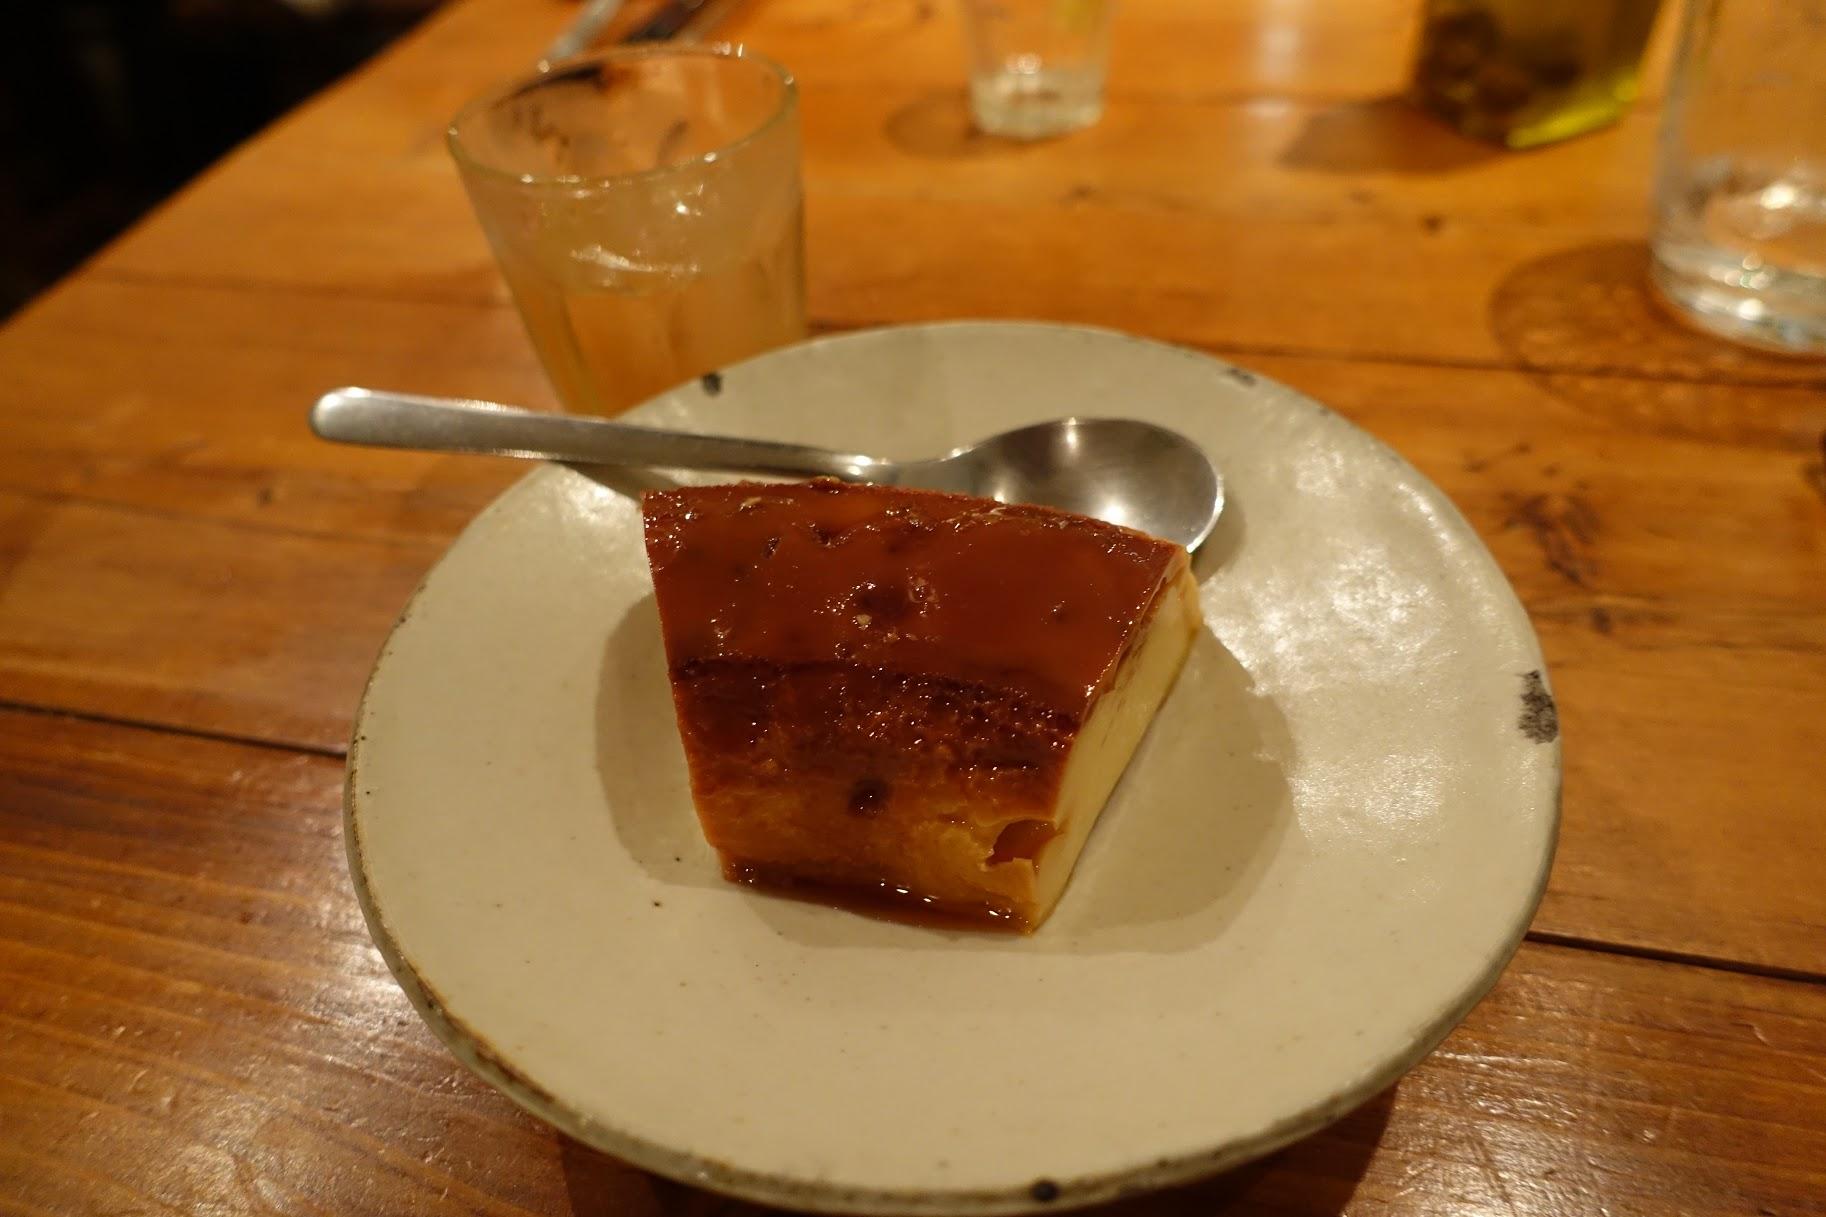 デザートは、ブラジルの練乳を使った「ブラジルプリン」 セトゥーバル地方の甘いモスカテルワインと共に